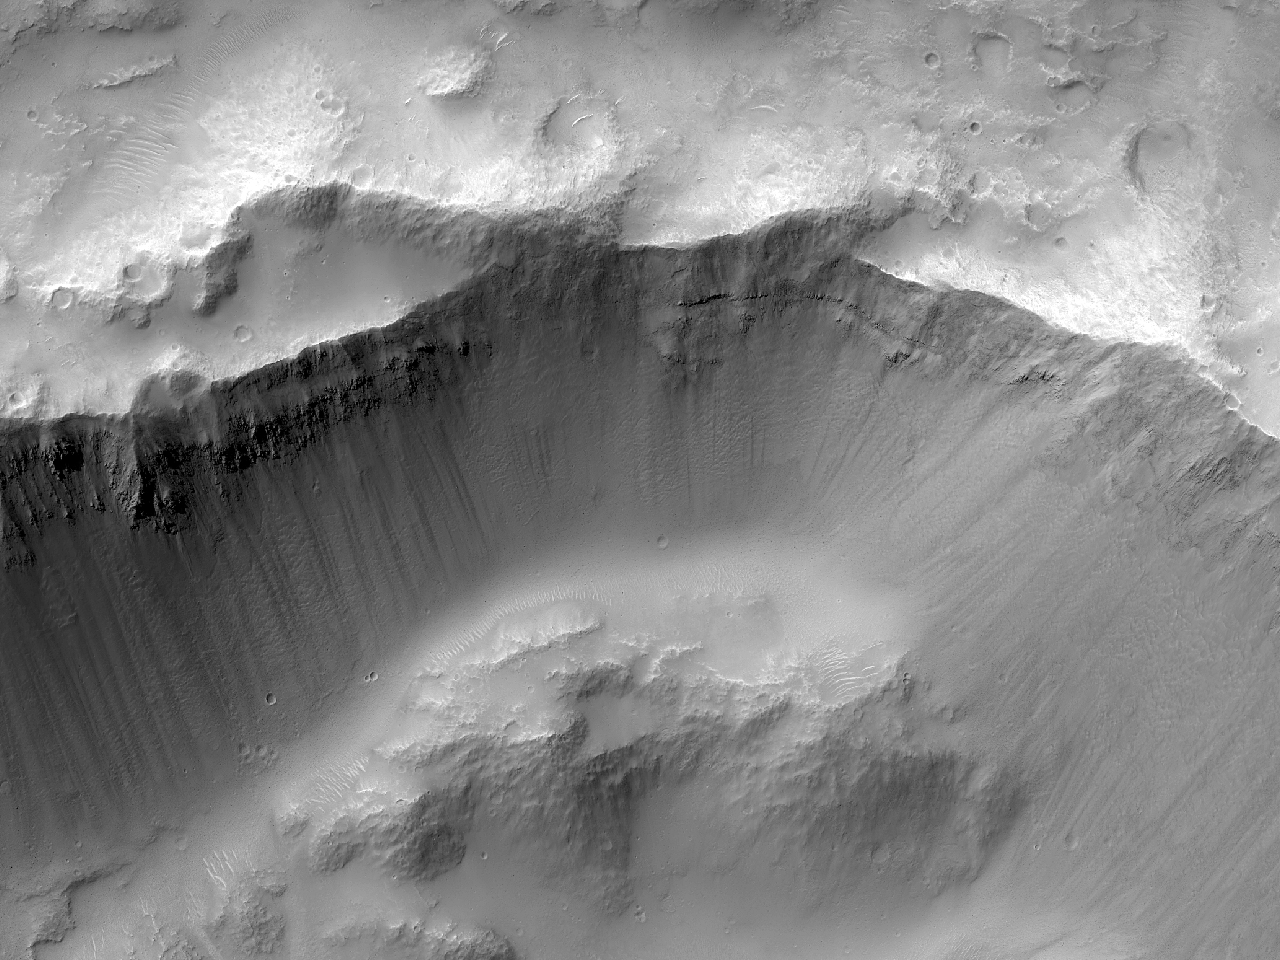 Cratera de impacto bem conservada em Tyrrhena Terra